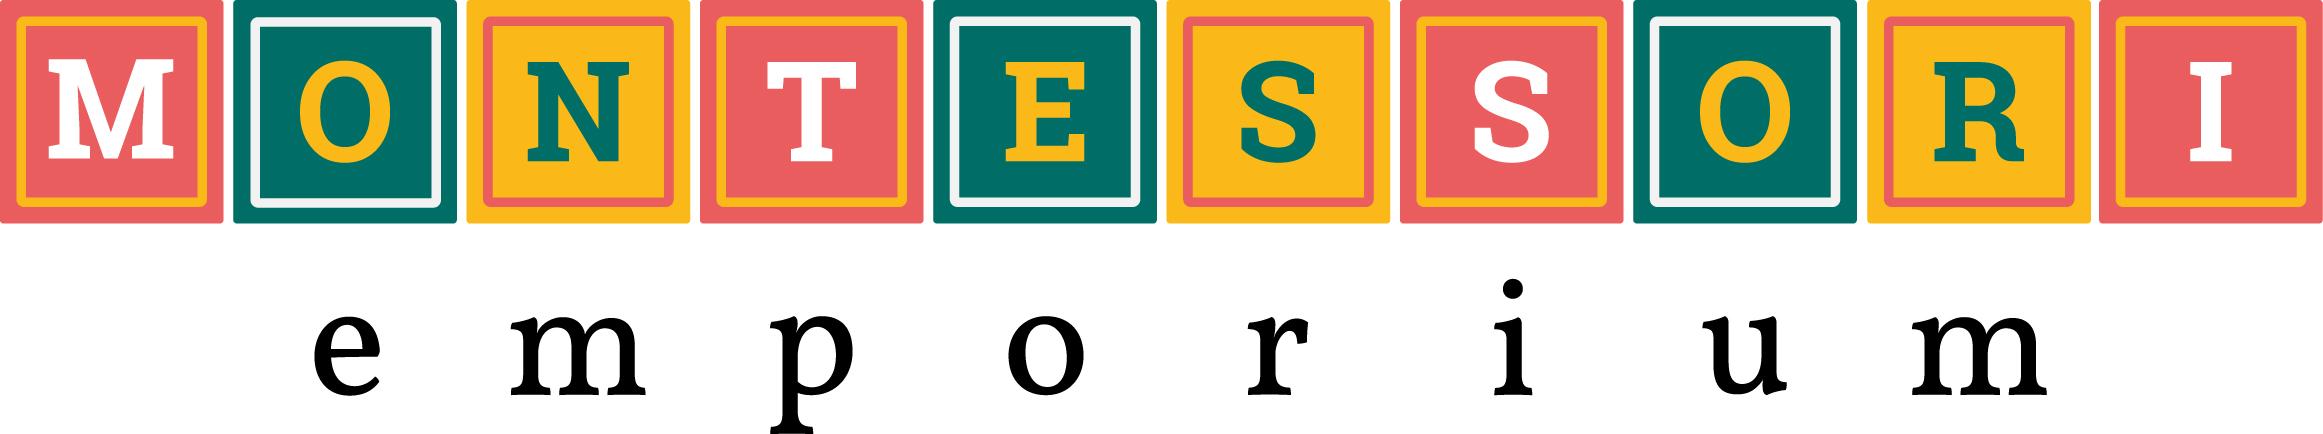 Montessori Emporium